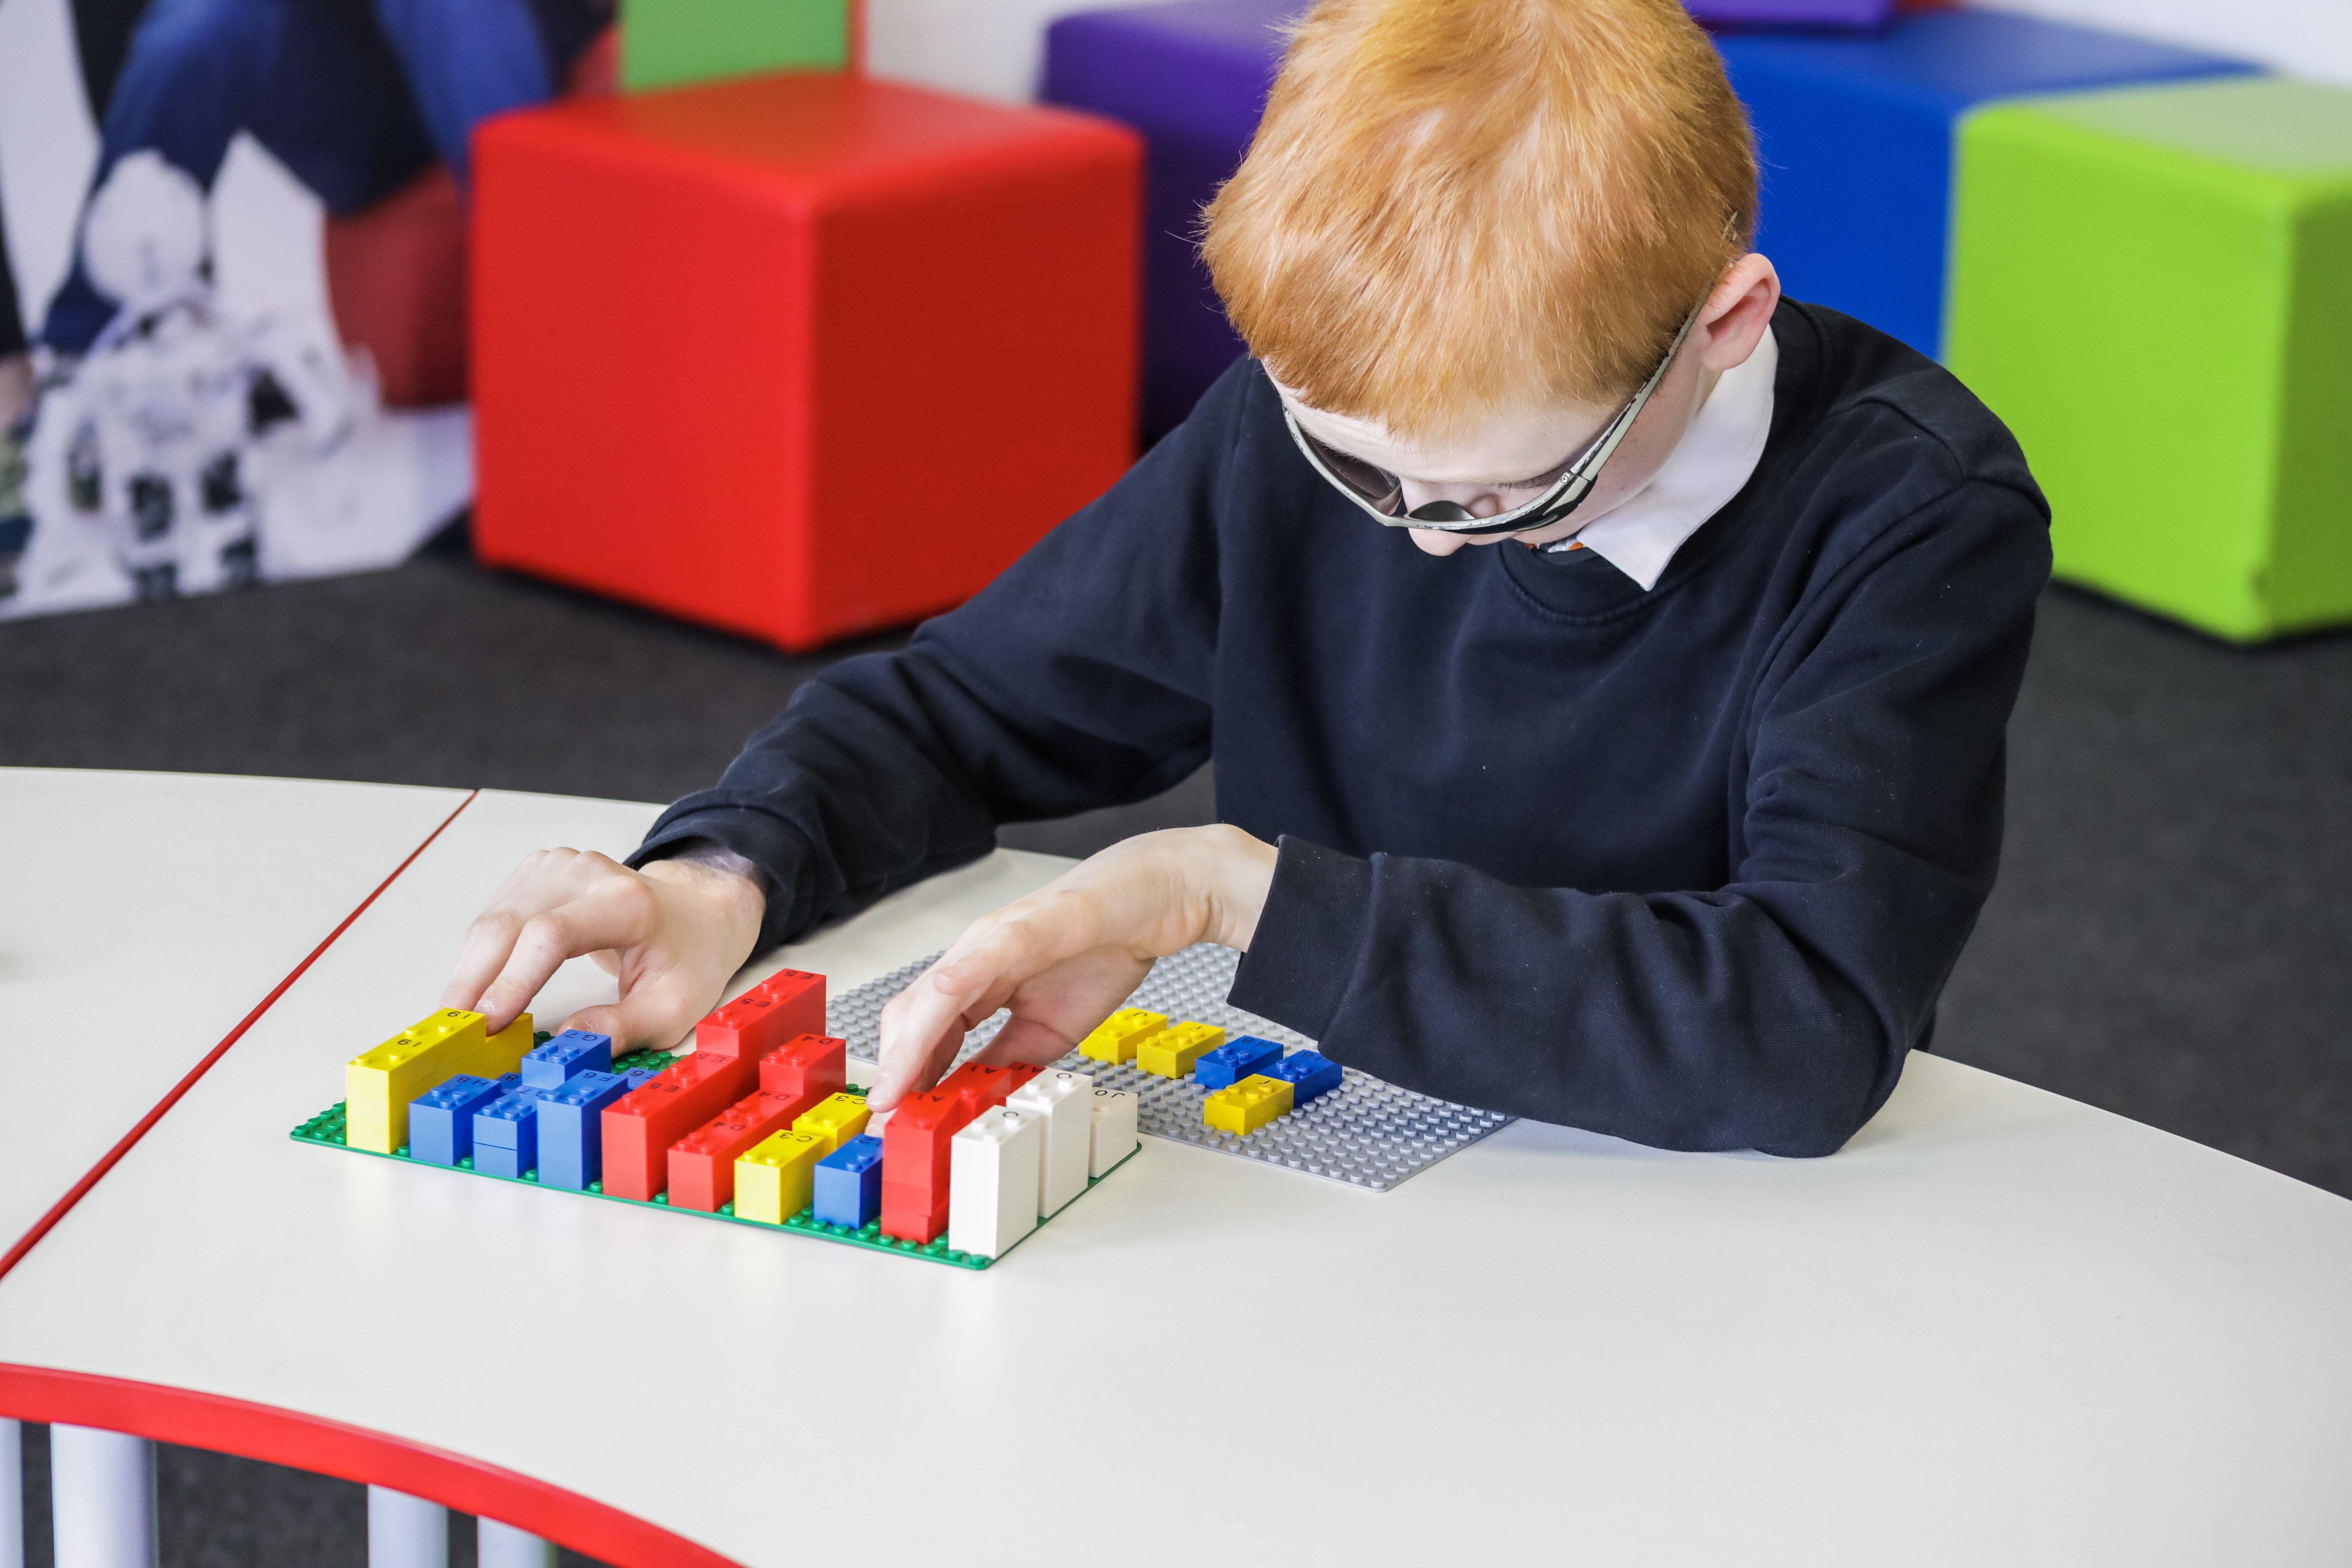 HighRes_Braille-Bricks_child_3.jpg